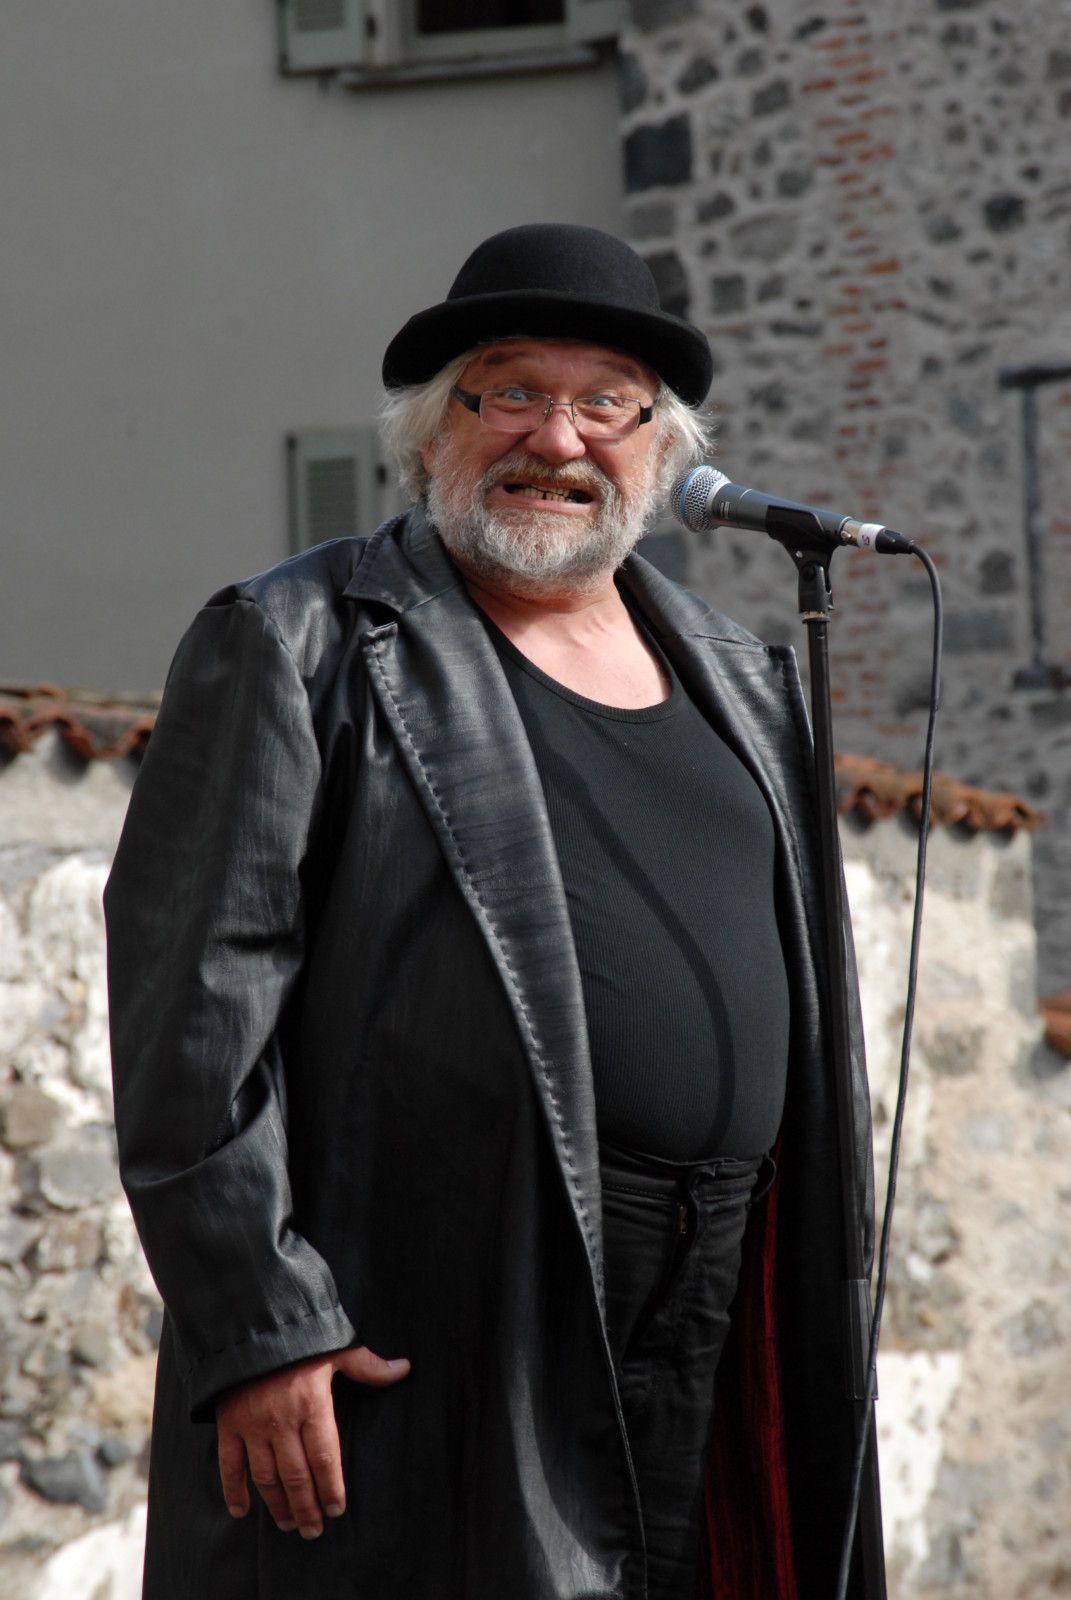 De Nadège Prugnard ...crée au festival international de théâtre de rue d'Aurillac 2008